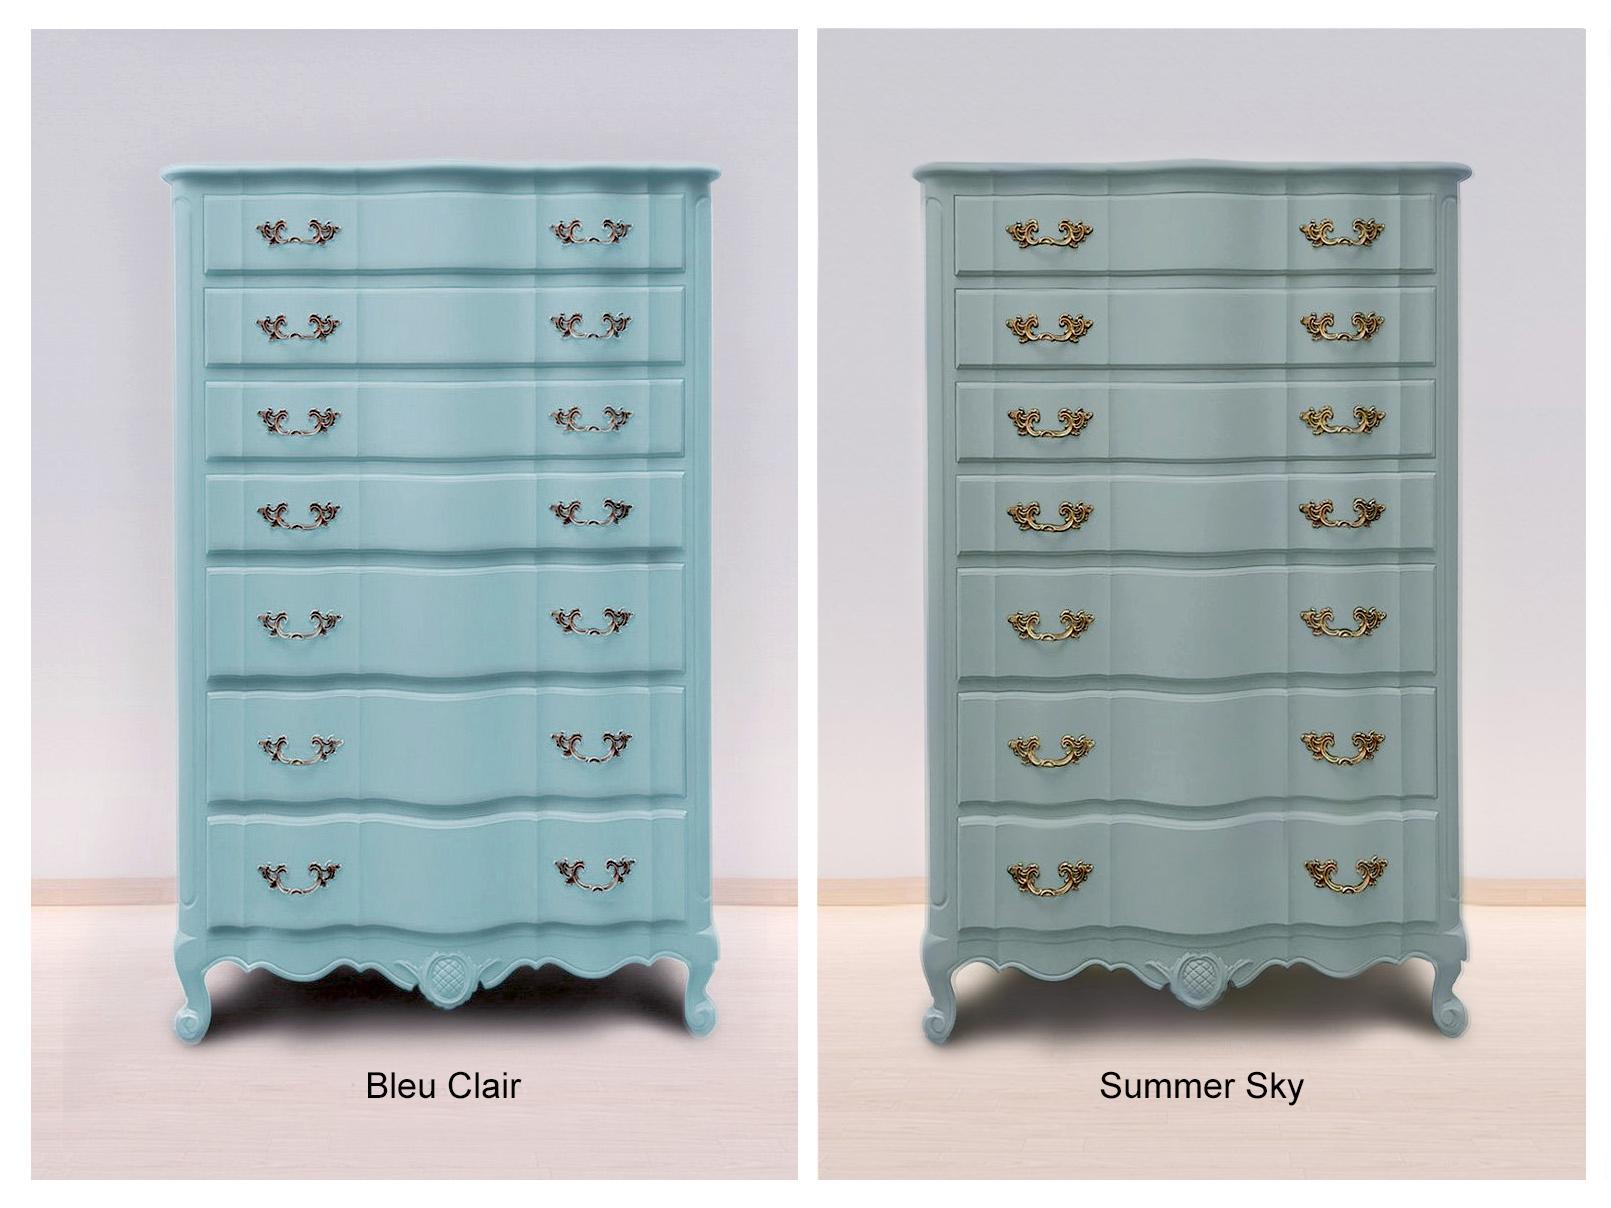 Bleu Clair & Summer Sky